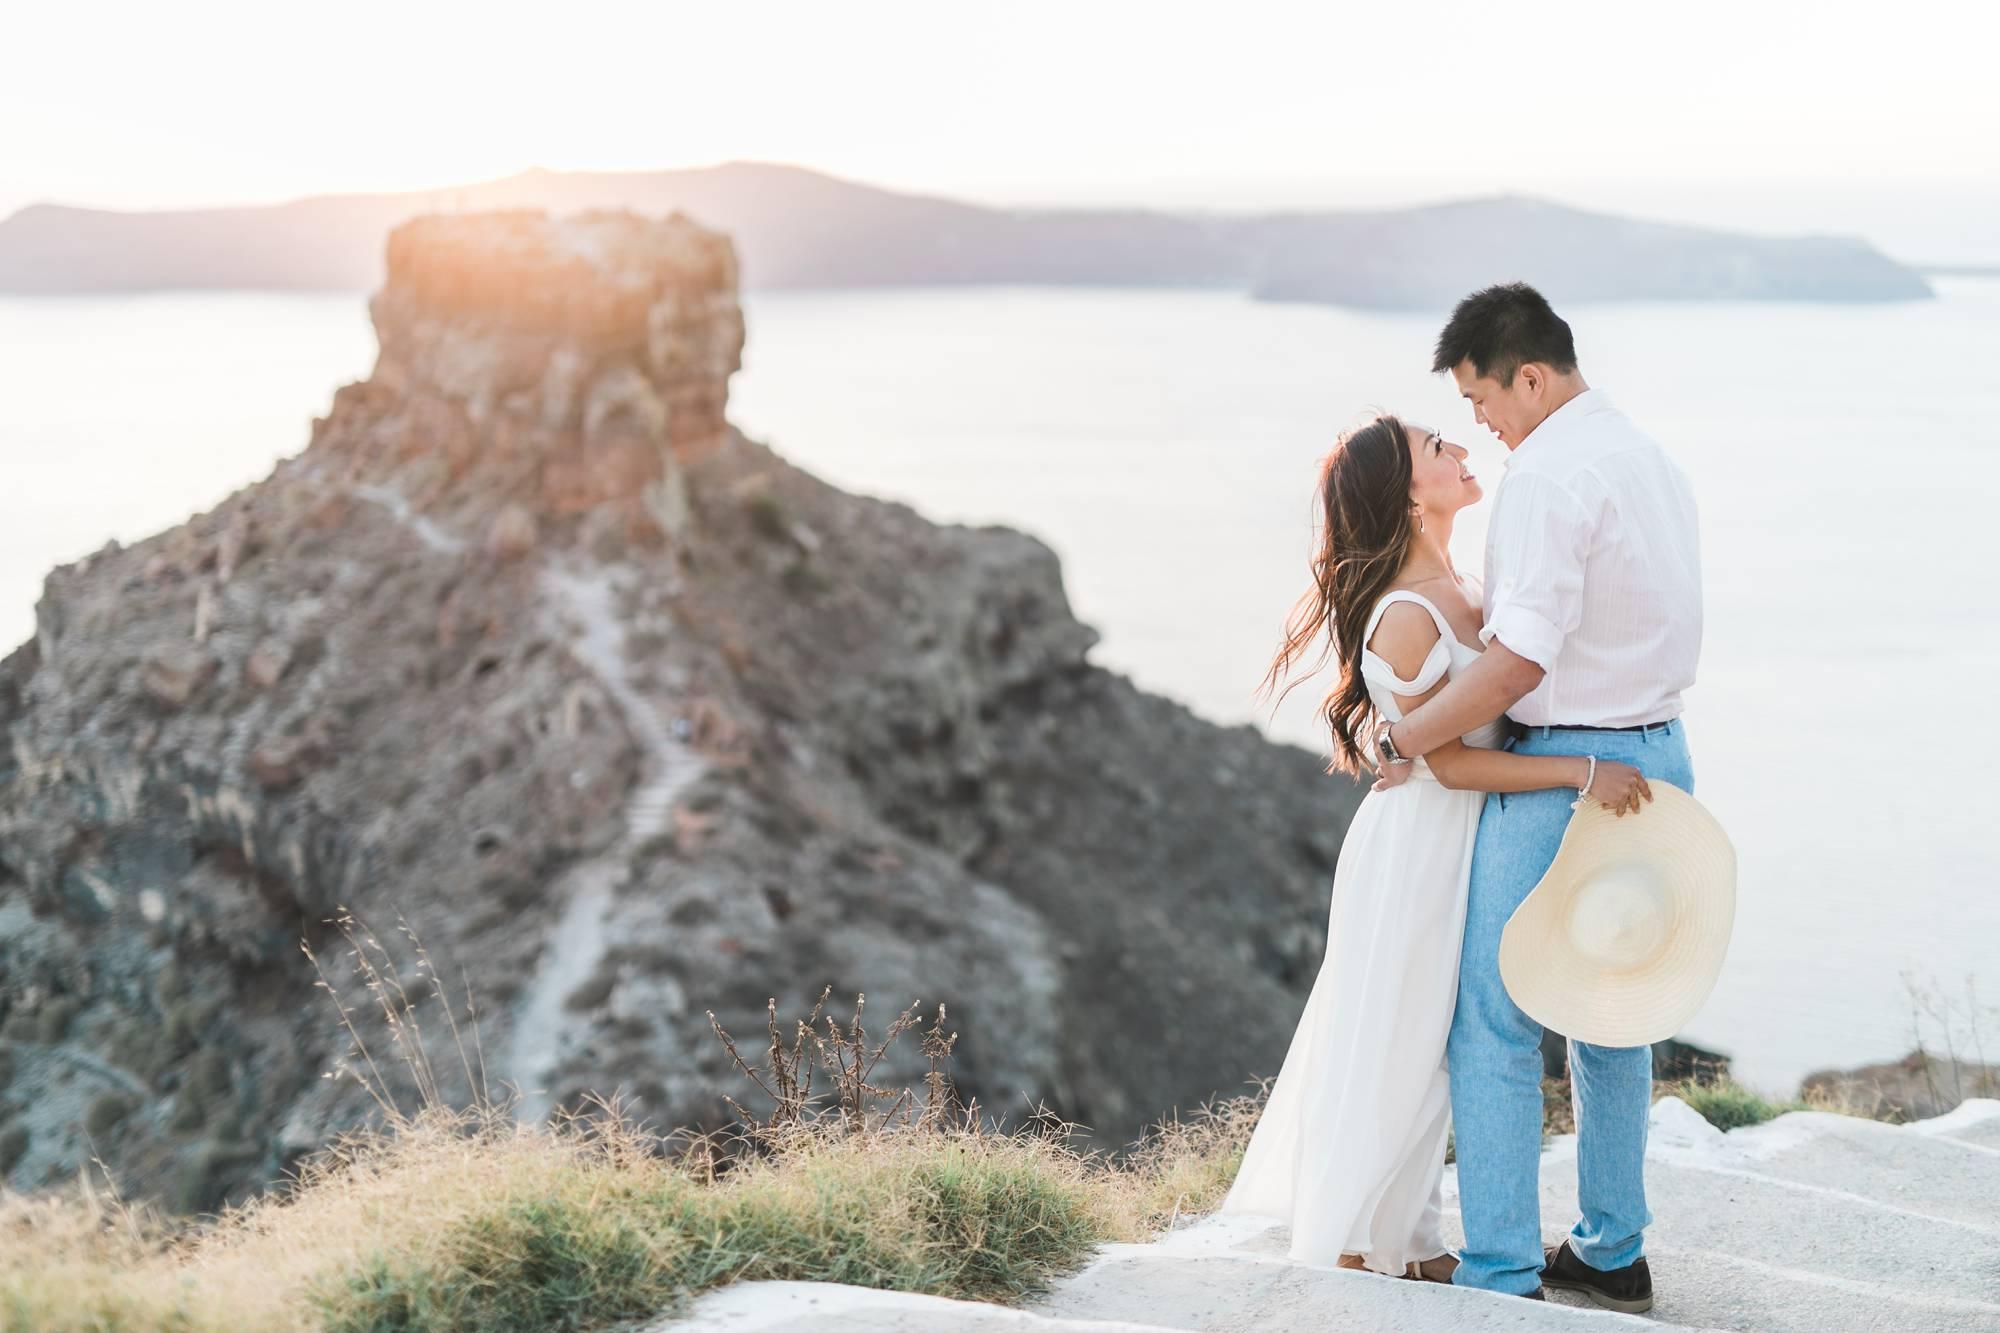 Greece_Santorini_Wedding_Photos_Destination_Photographer